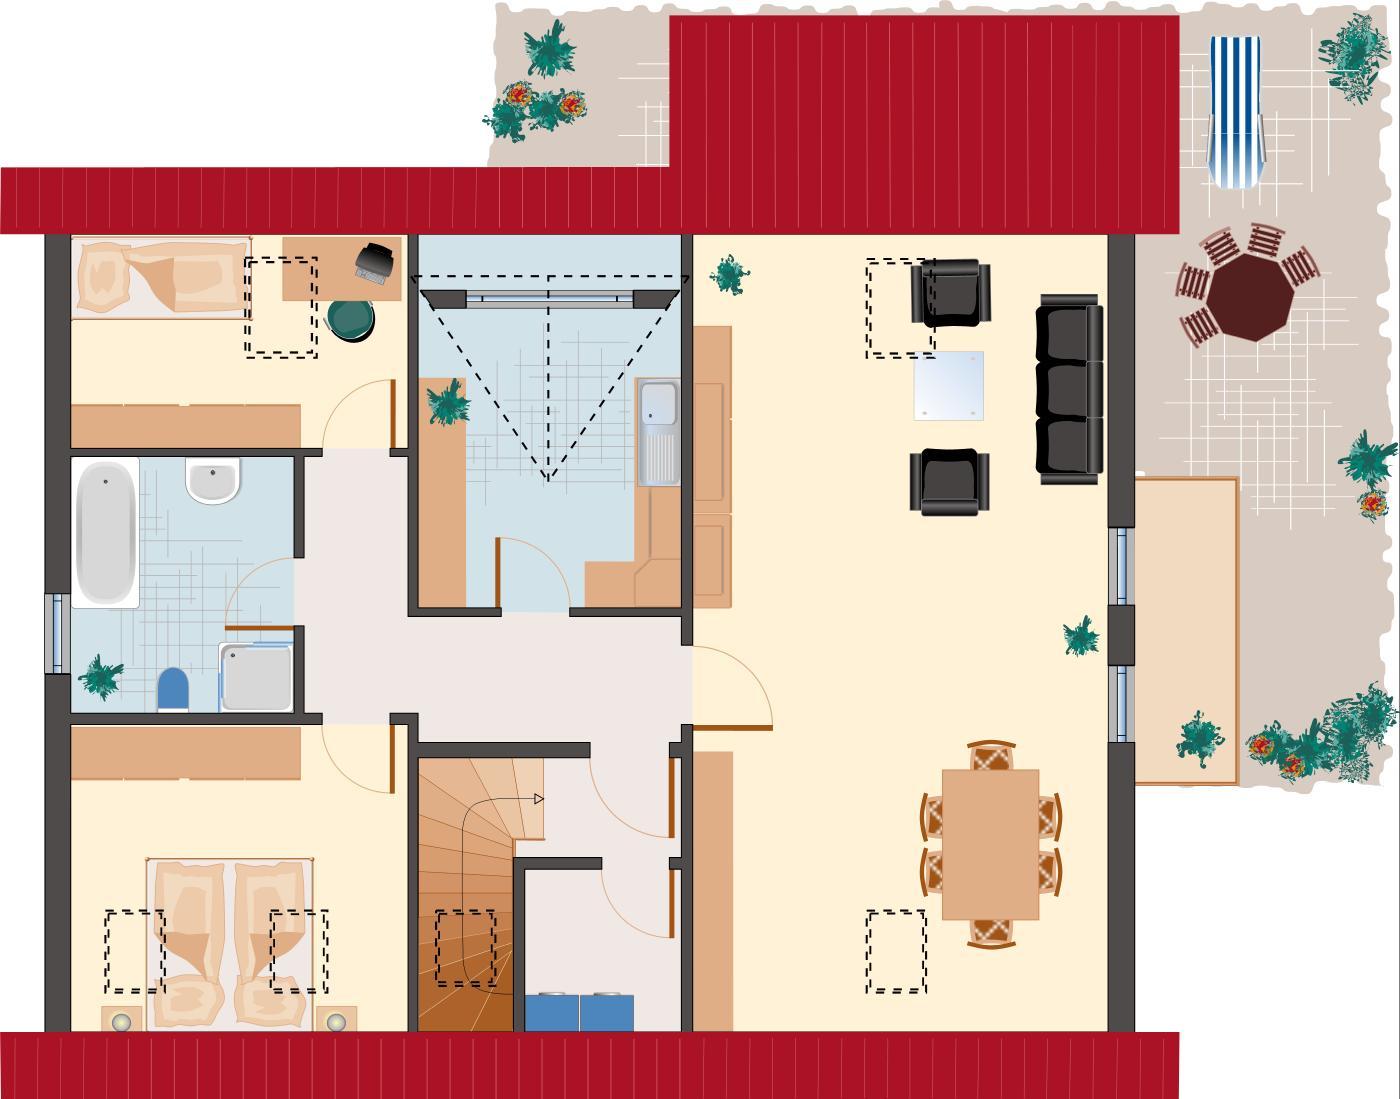 Architektenhaus: Amethyst 217 - Dachgeschoss